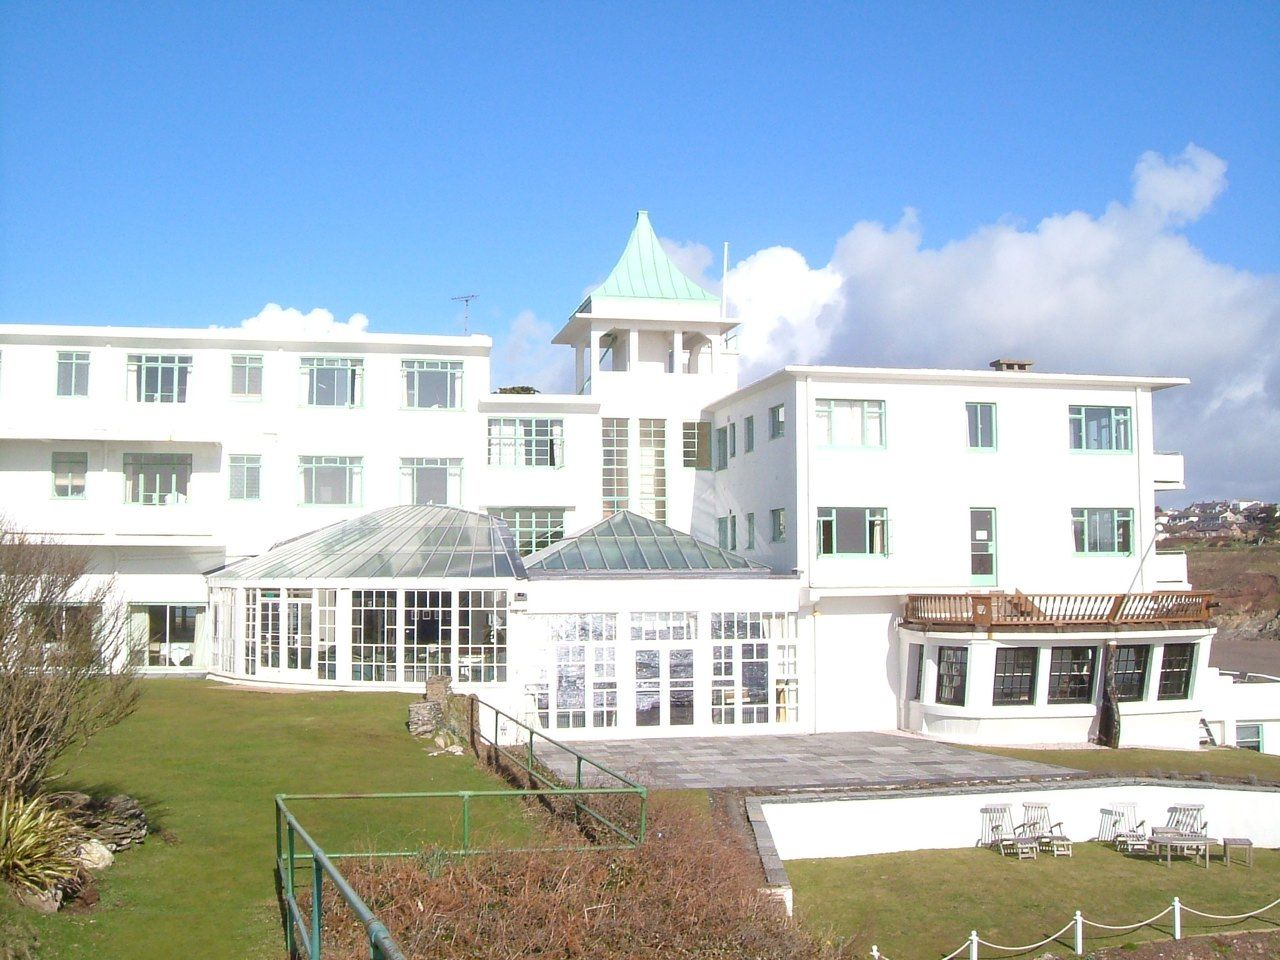 Burgh island hotel bigbury on sea united kingdom 25 for Art deco hotel devon